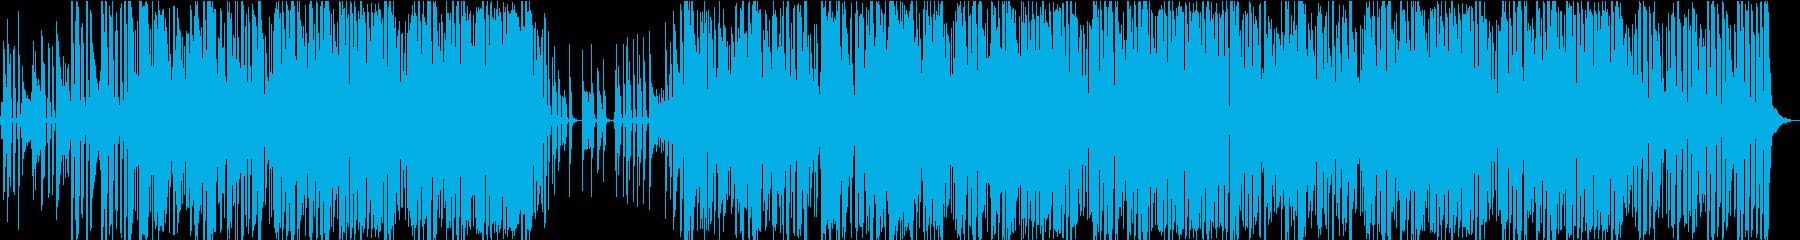 ポップ ロック 代替案 バサノバ ...の再生済みの波形